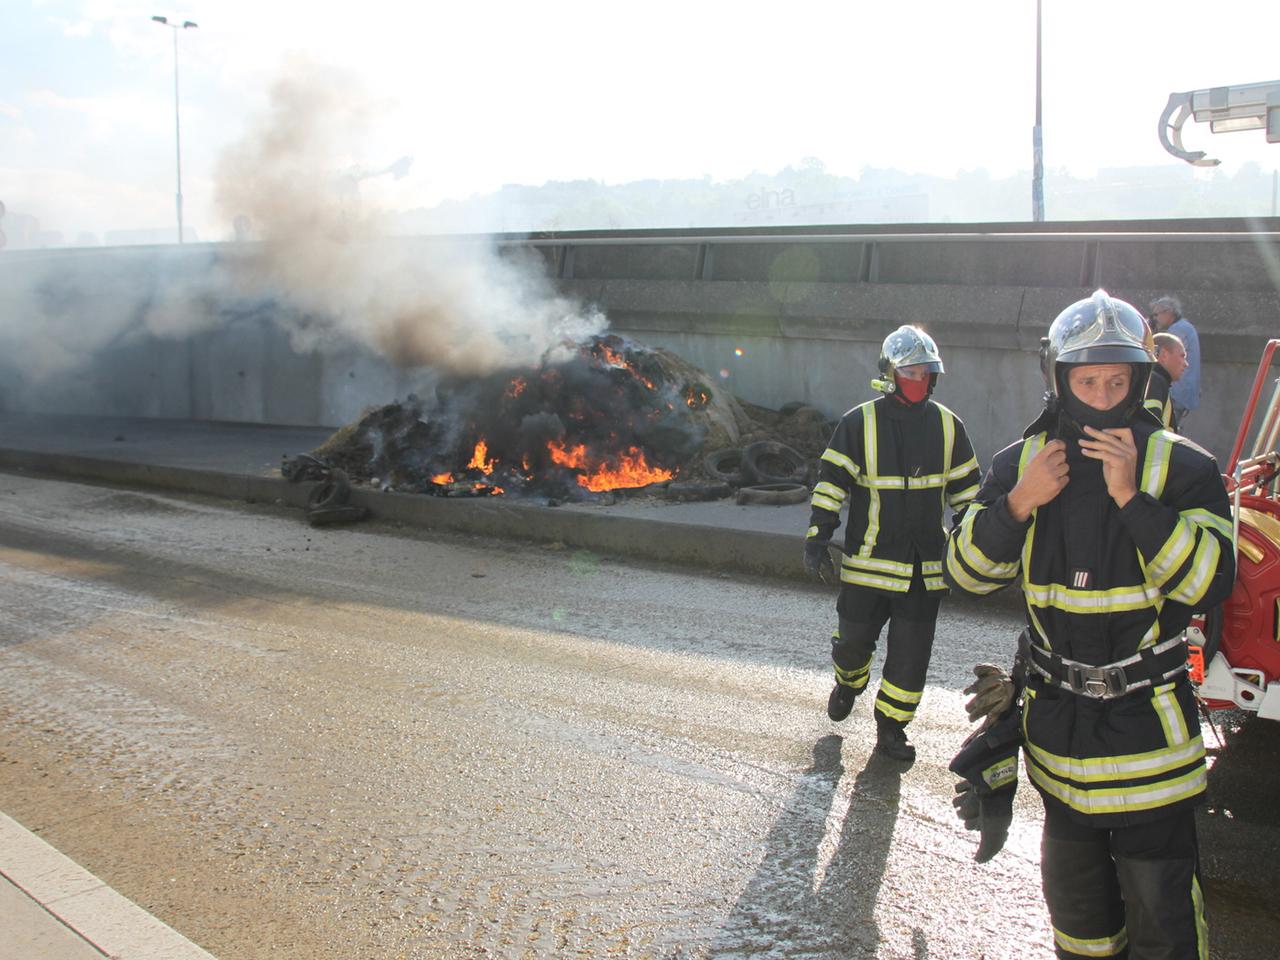 En partant, les éleveurs ont mis le feu à de la paille et des pneus - LyonMag